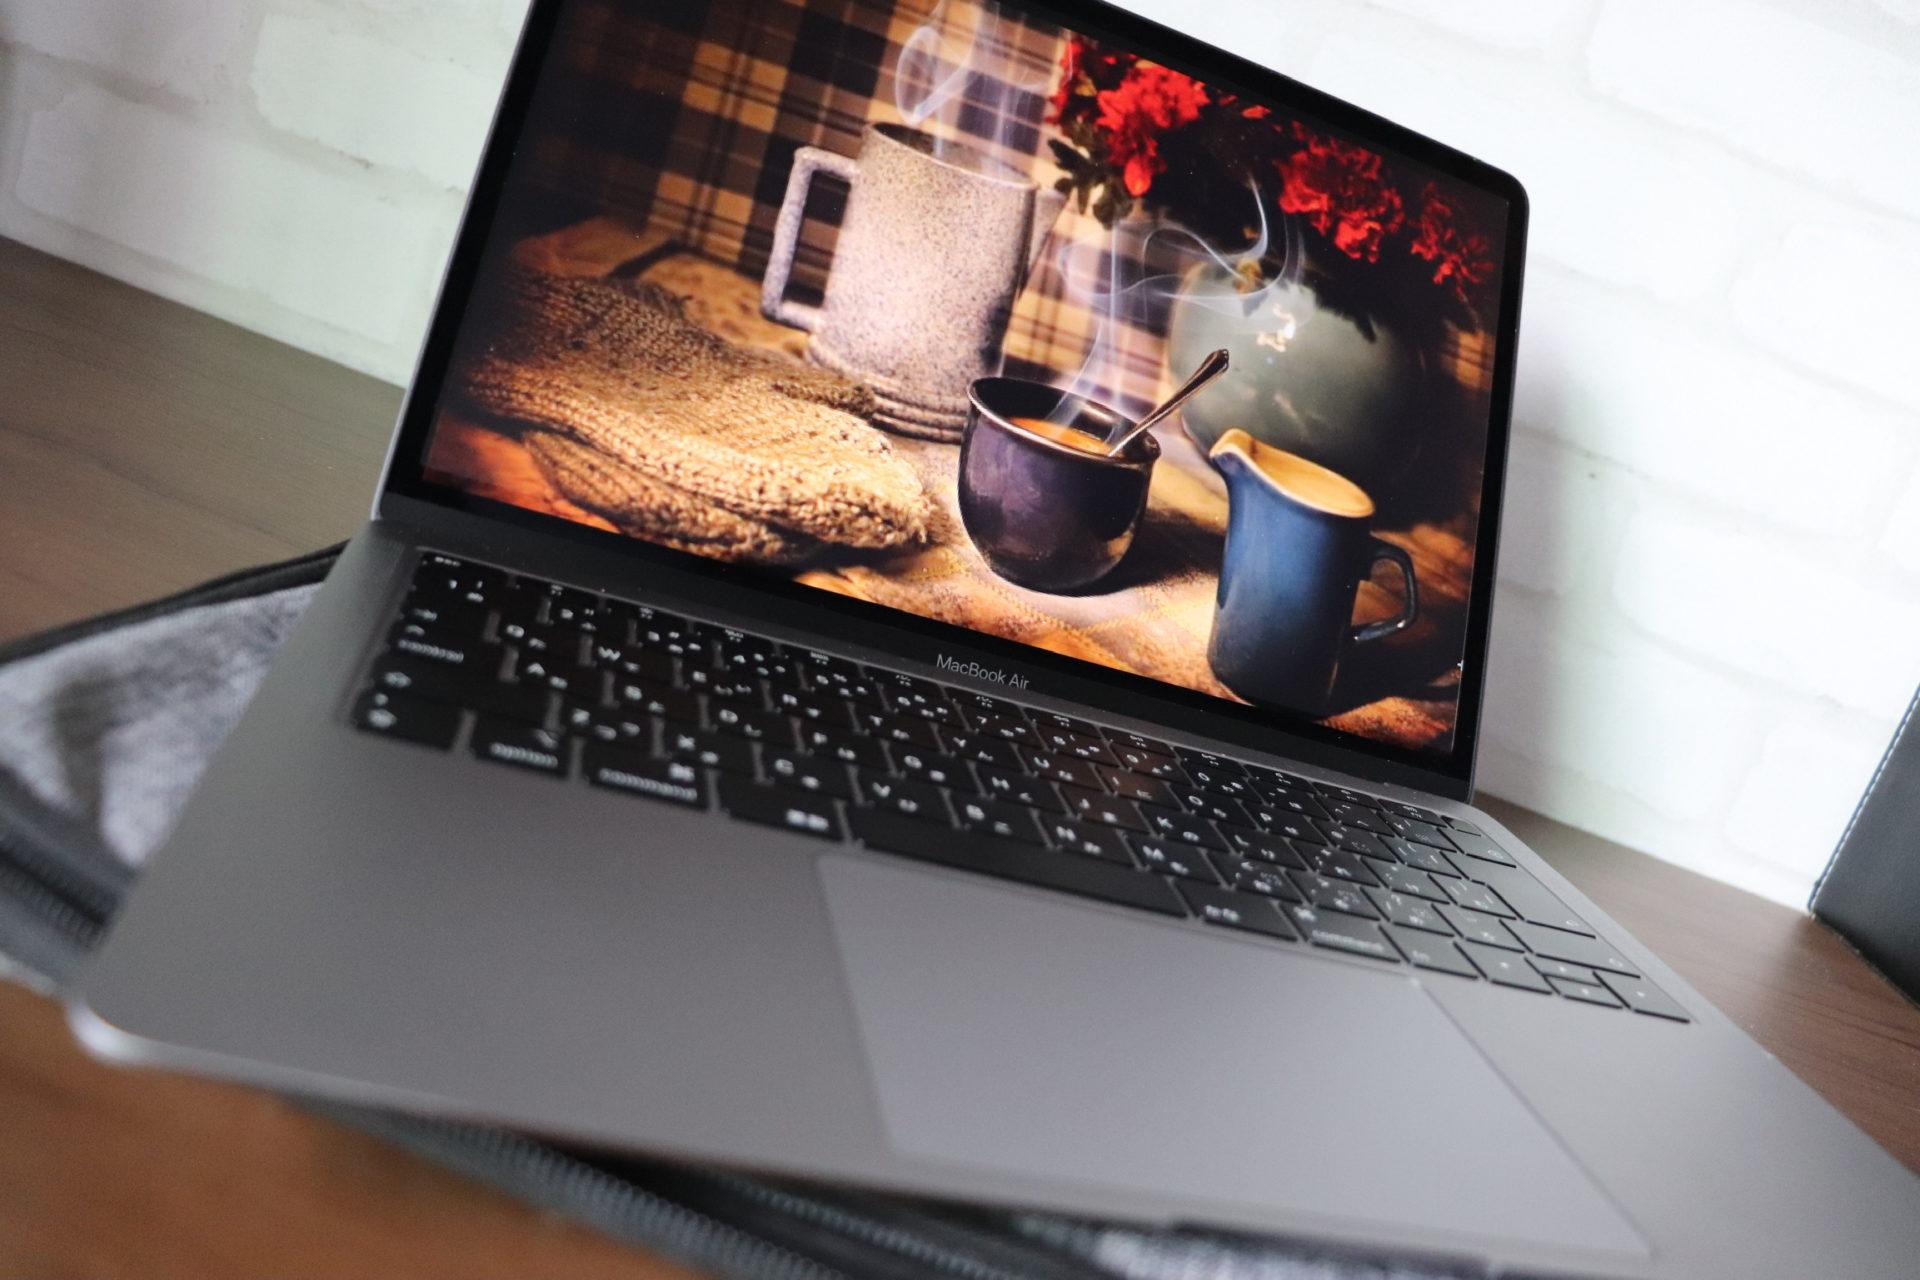 スマートかつ高画質PC!「超」UI特化型デバイス〓MacBookAirのリコメンド